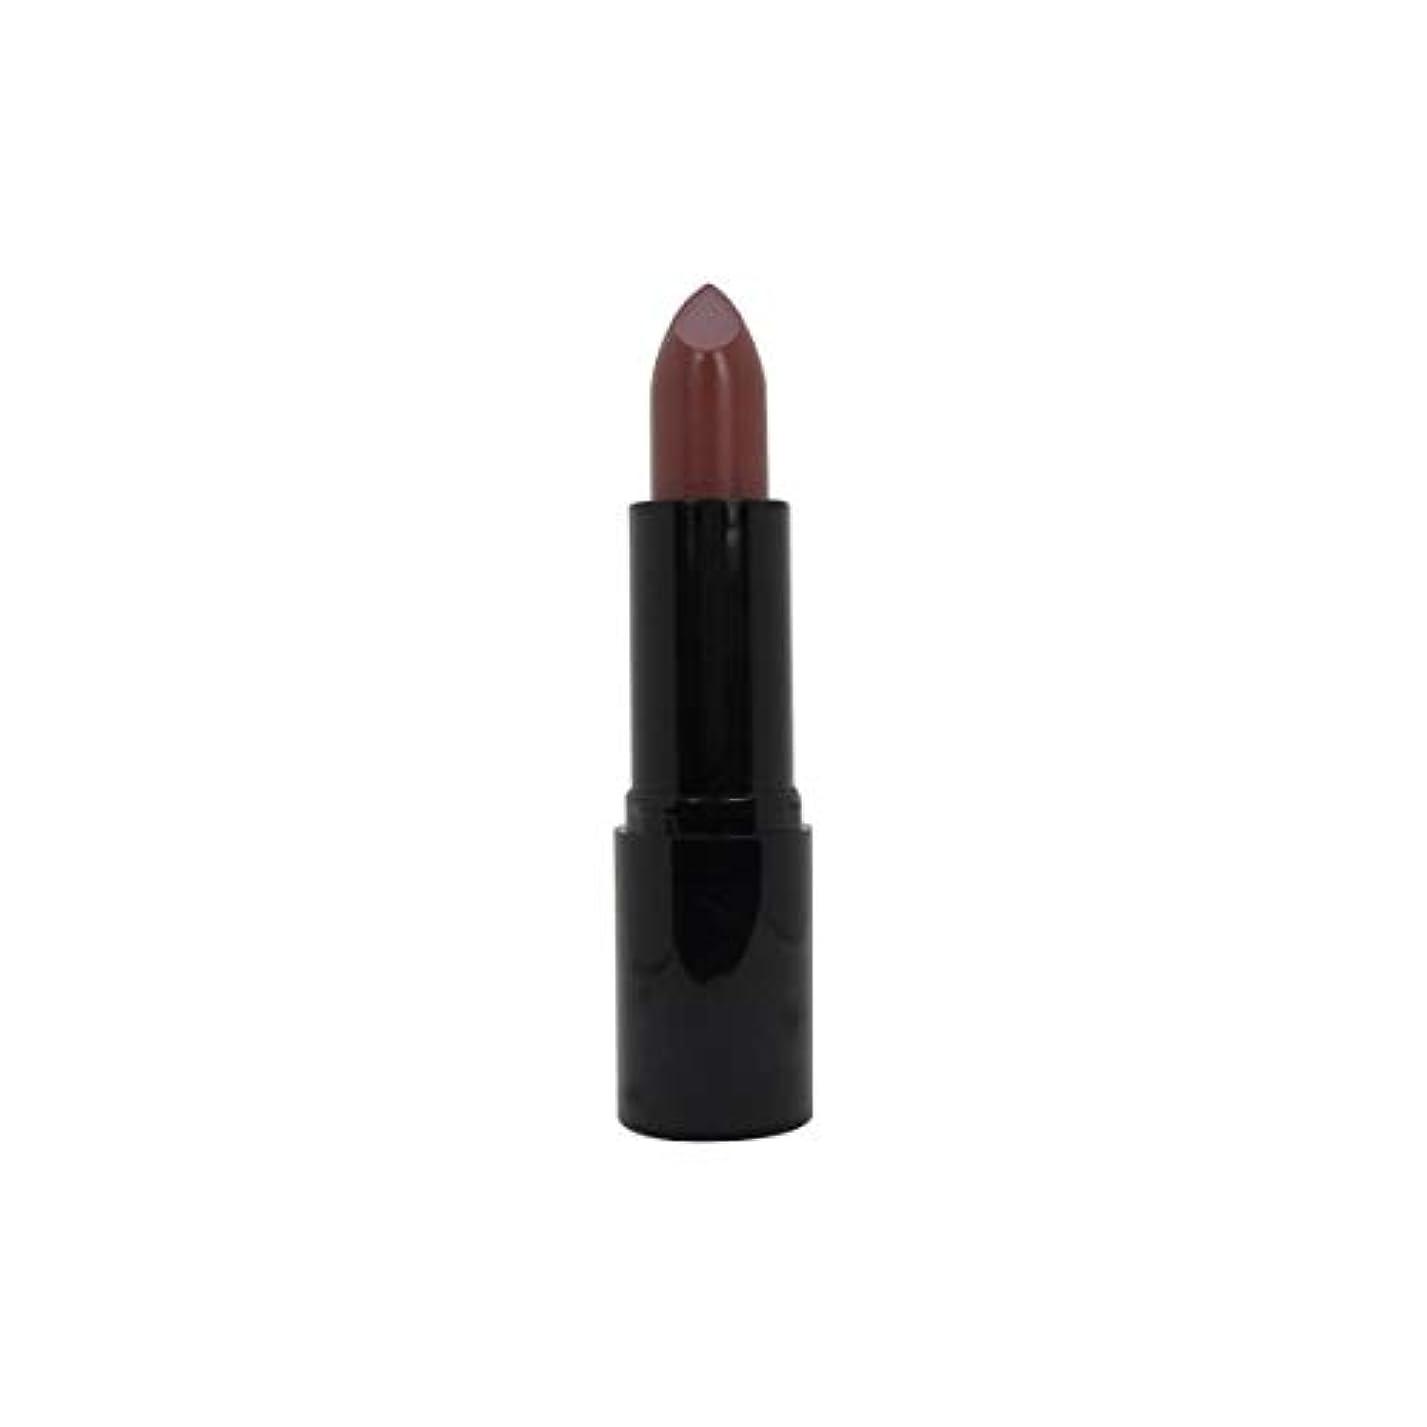 土地むしろステレオタイプSkinerie The Collection Lipstick 02 Close Rose 3,5g